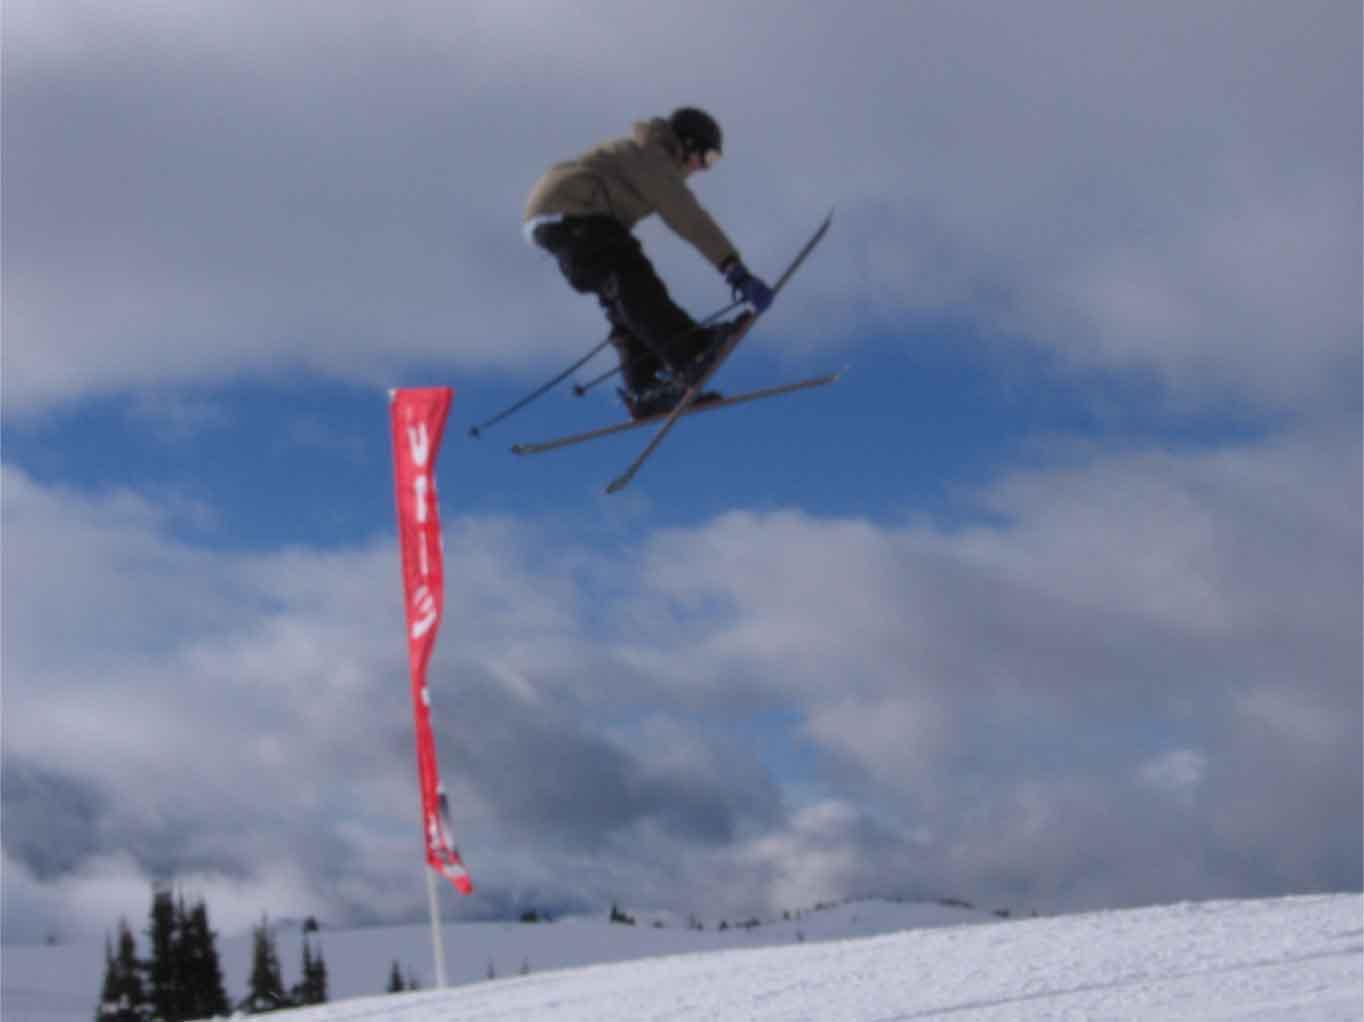 Hitting a jump